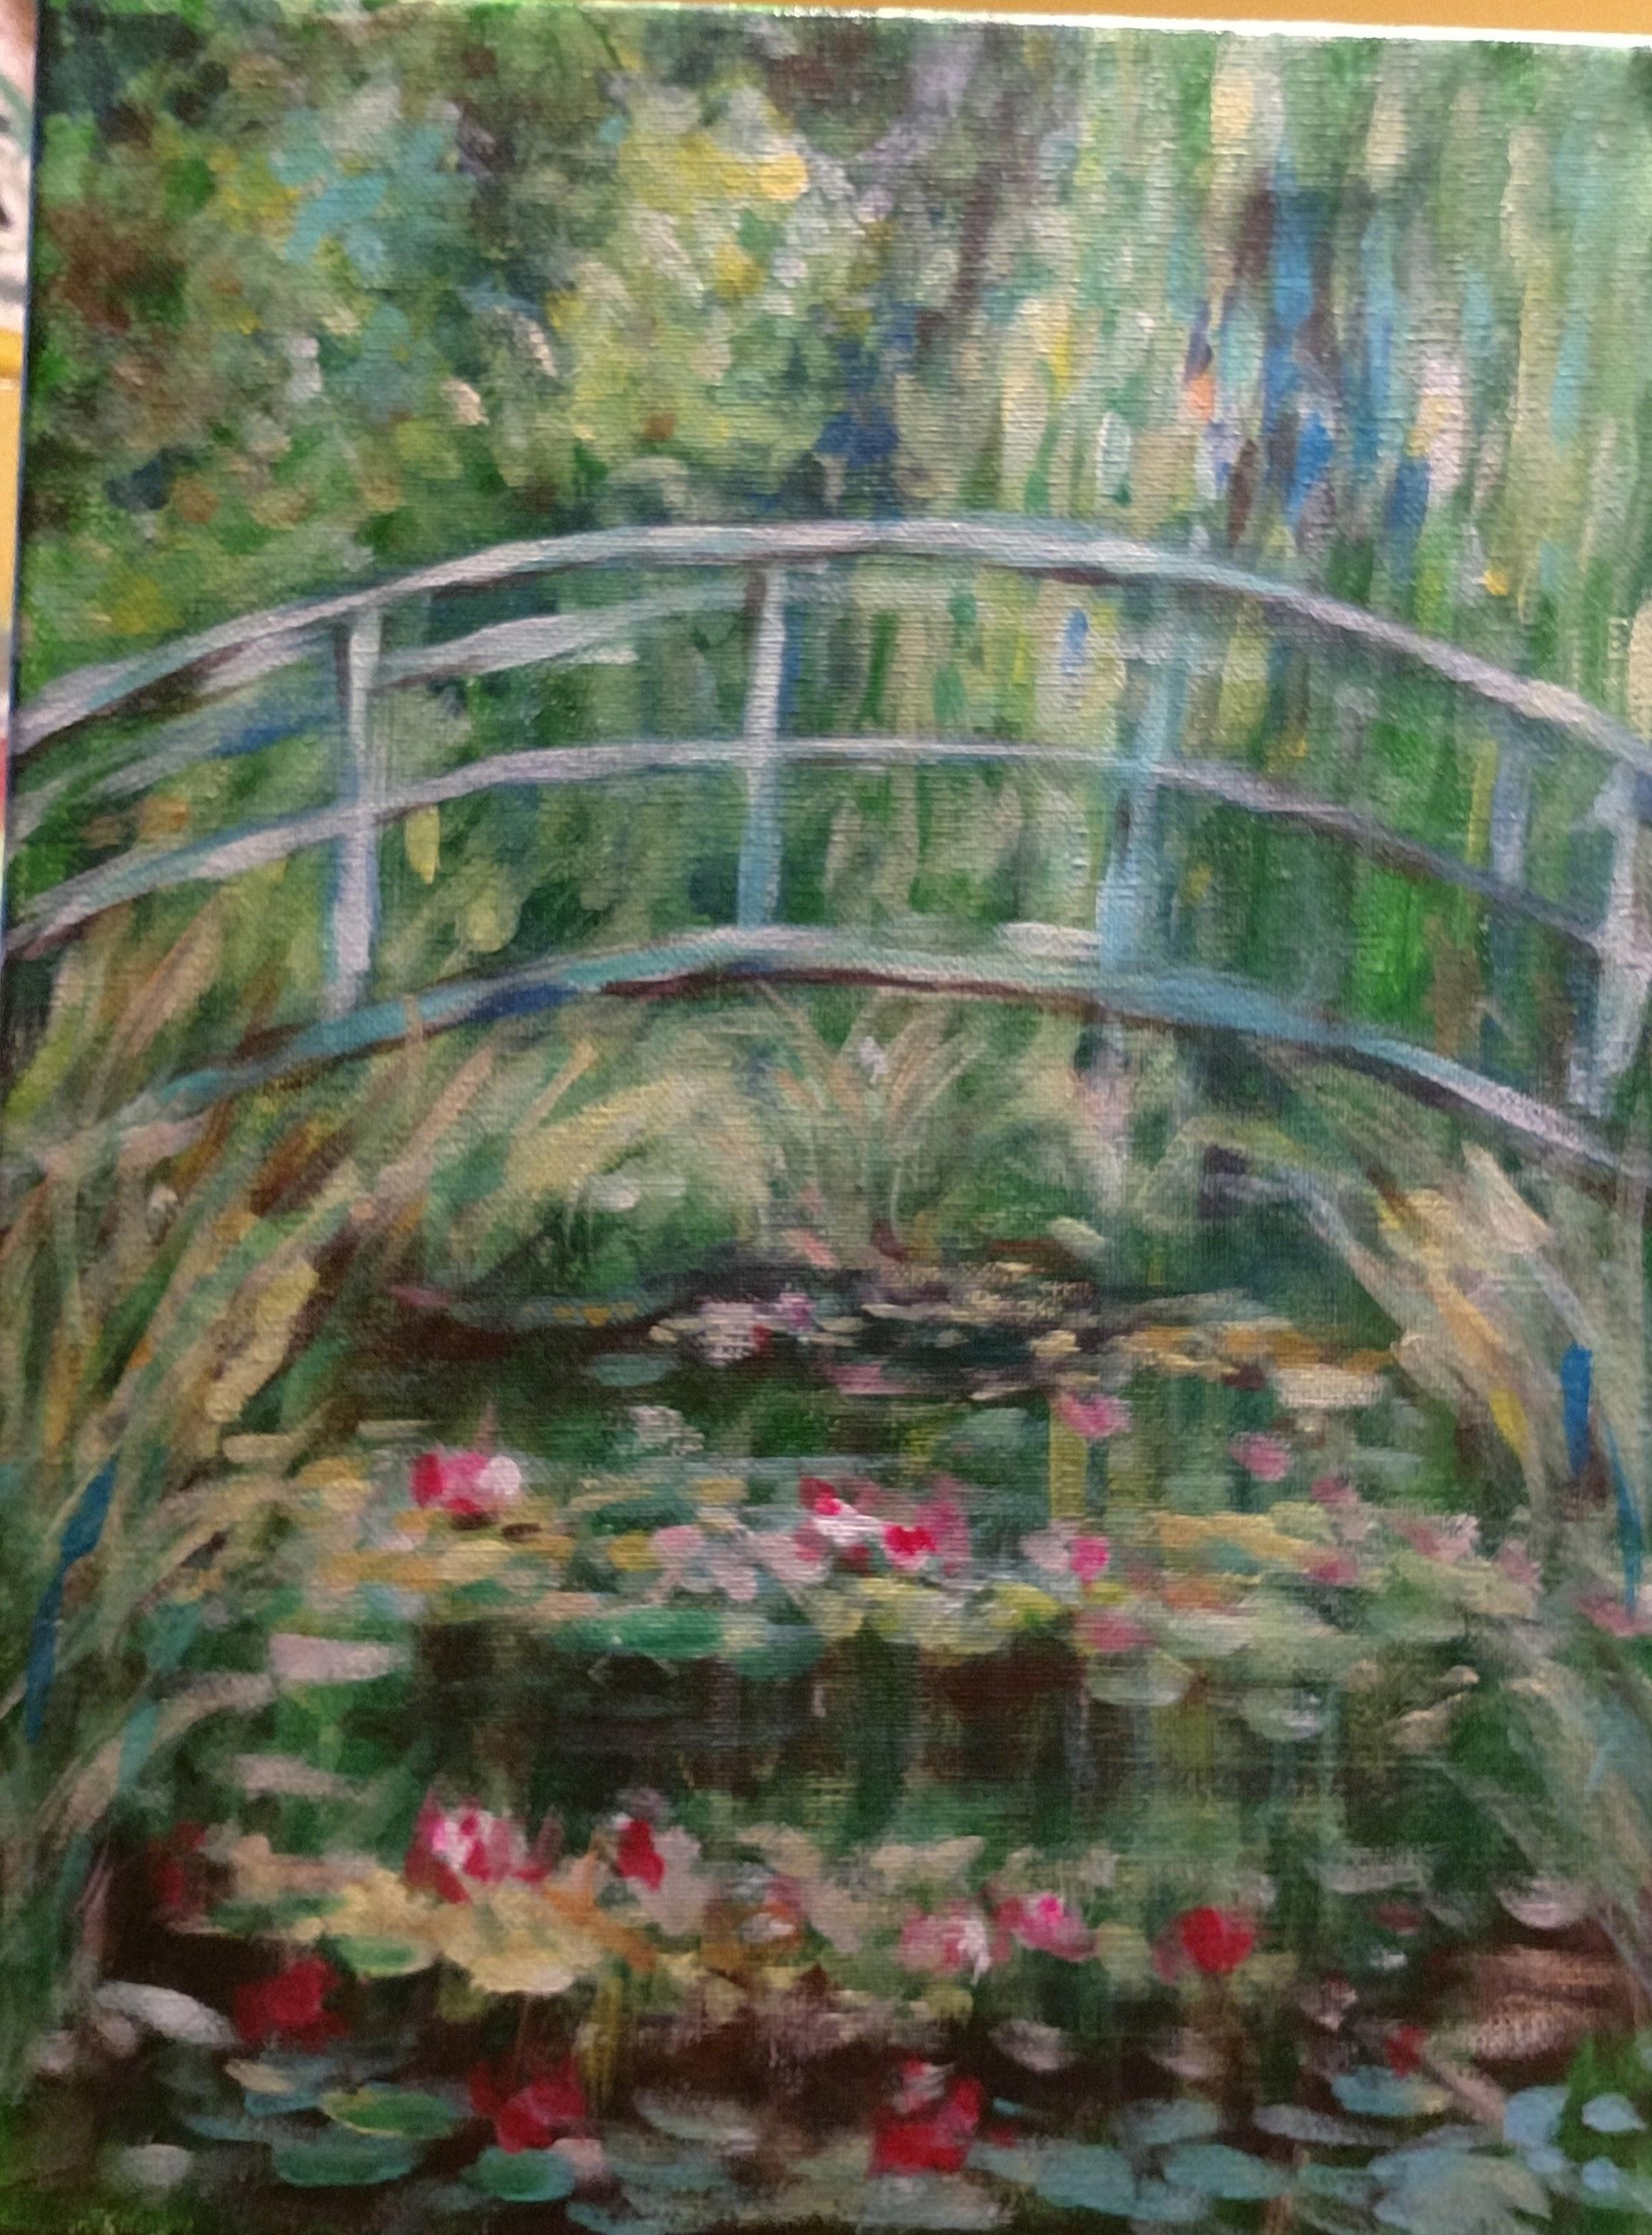 Monet-Inspired